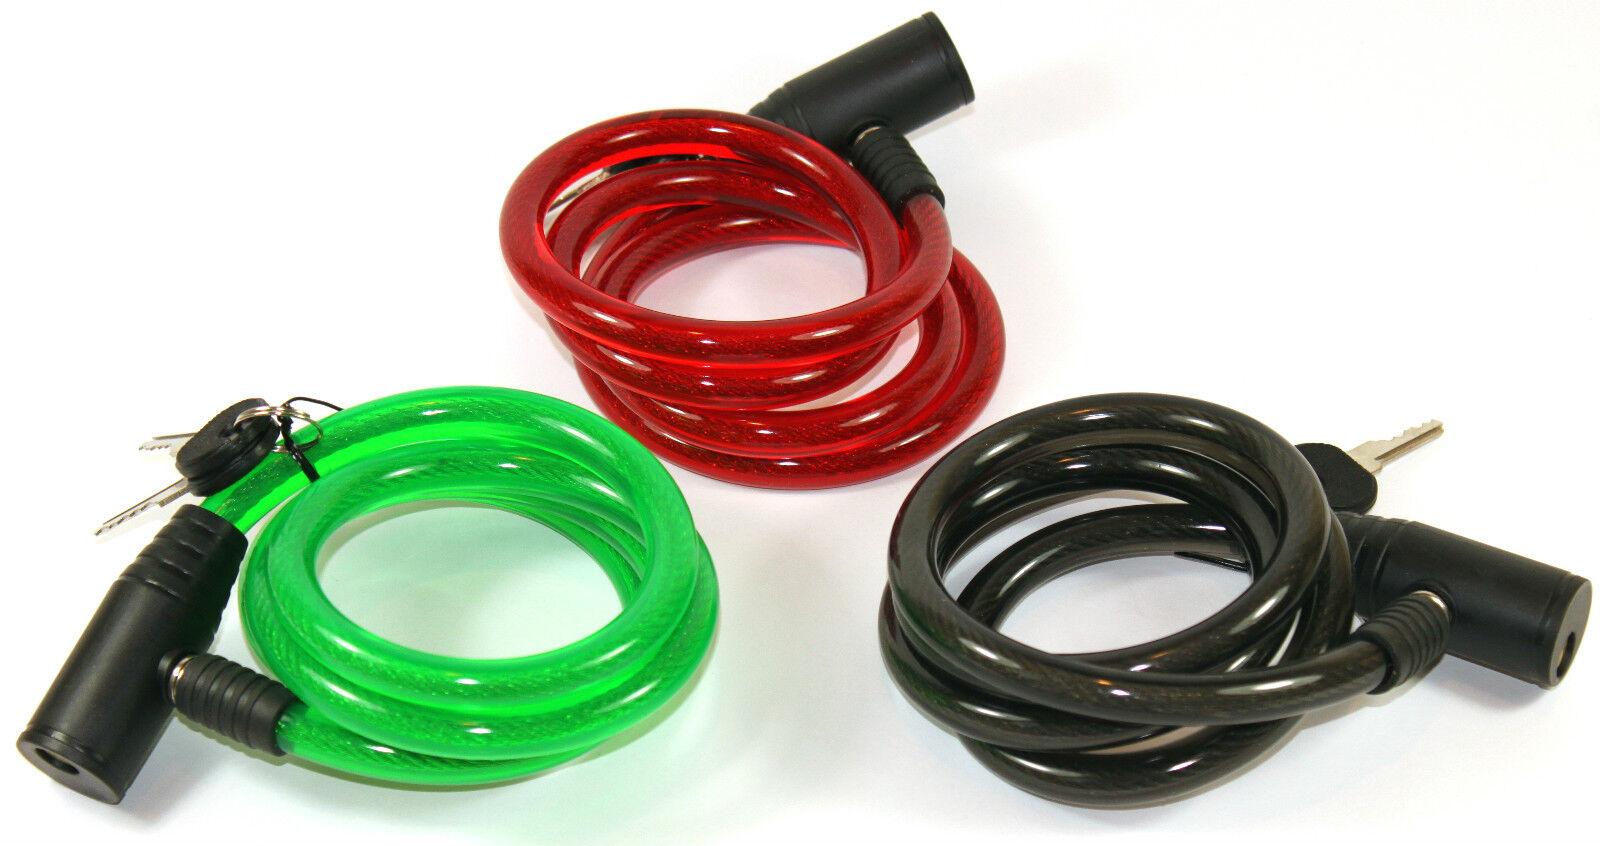 Spiralschloss bicicleta castillo 6 unidades cable con con con candado acero castillo castillo rueda 506 e00319